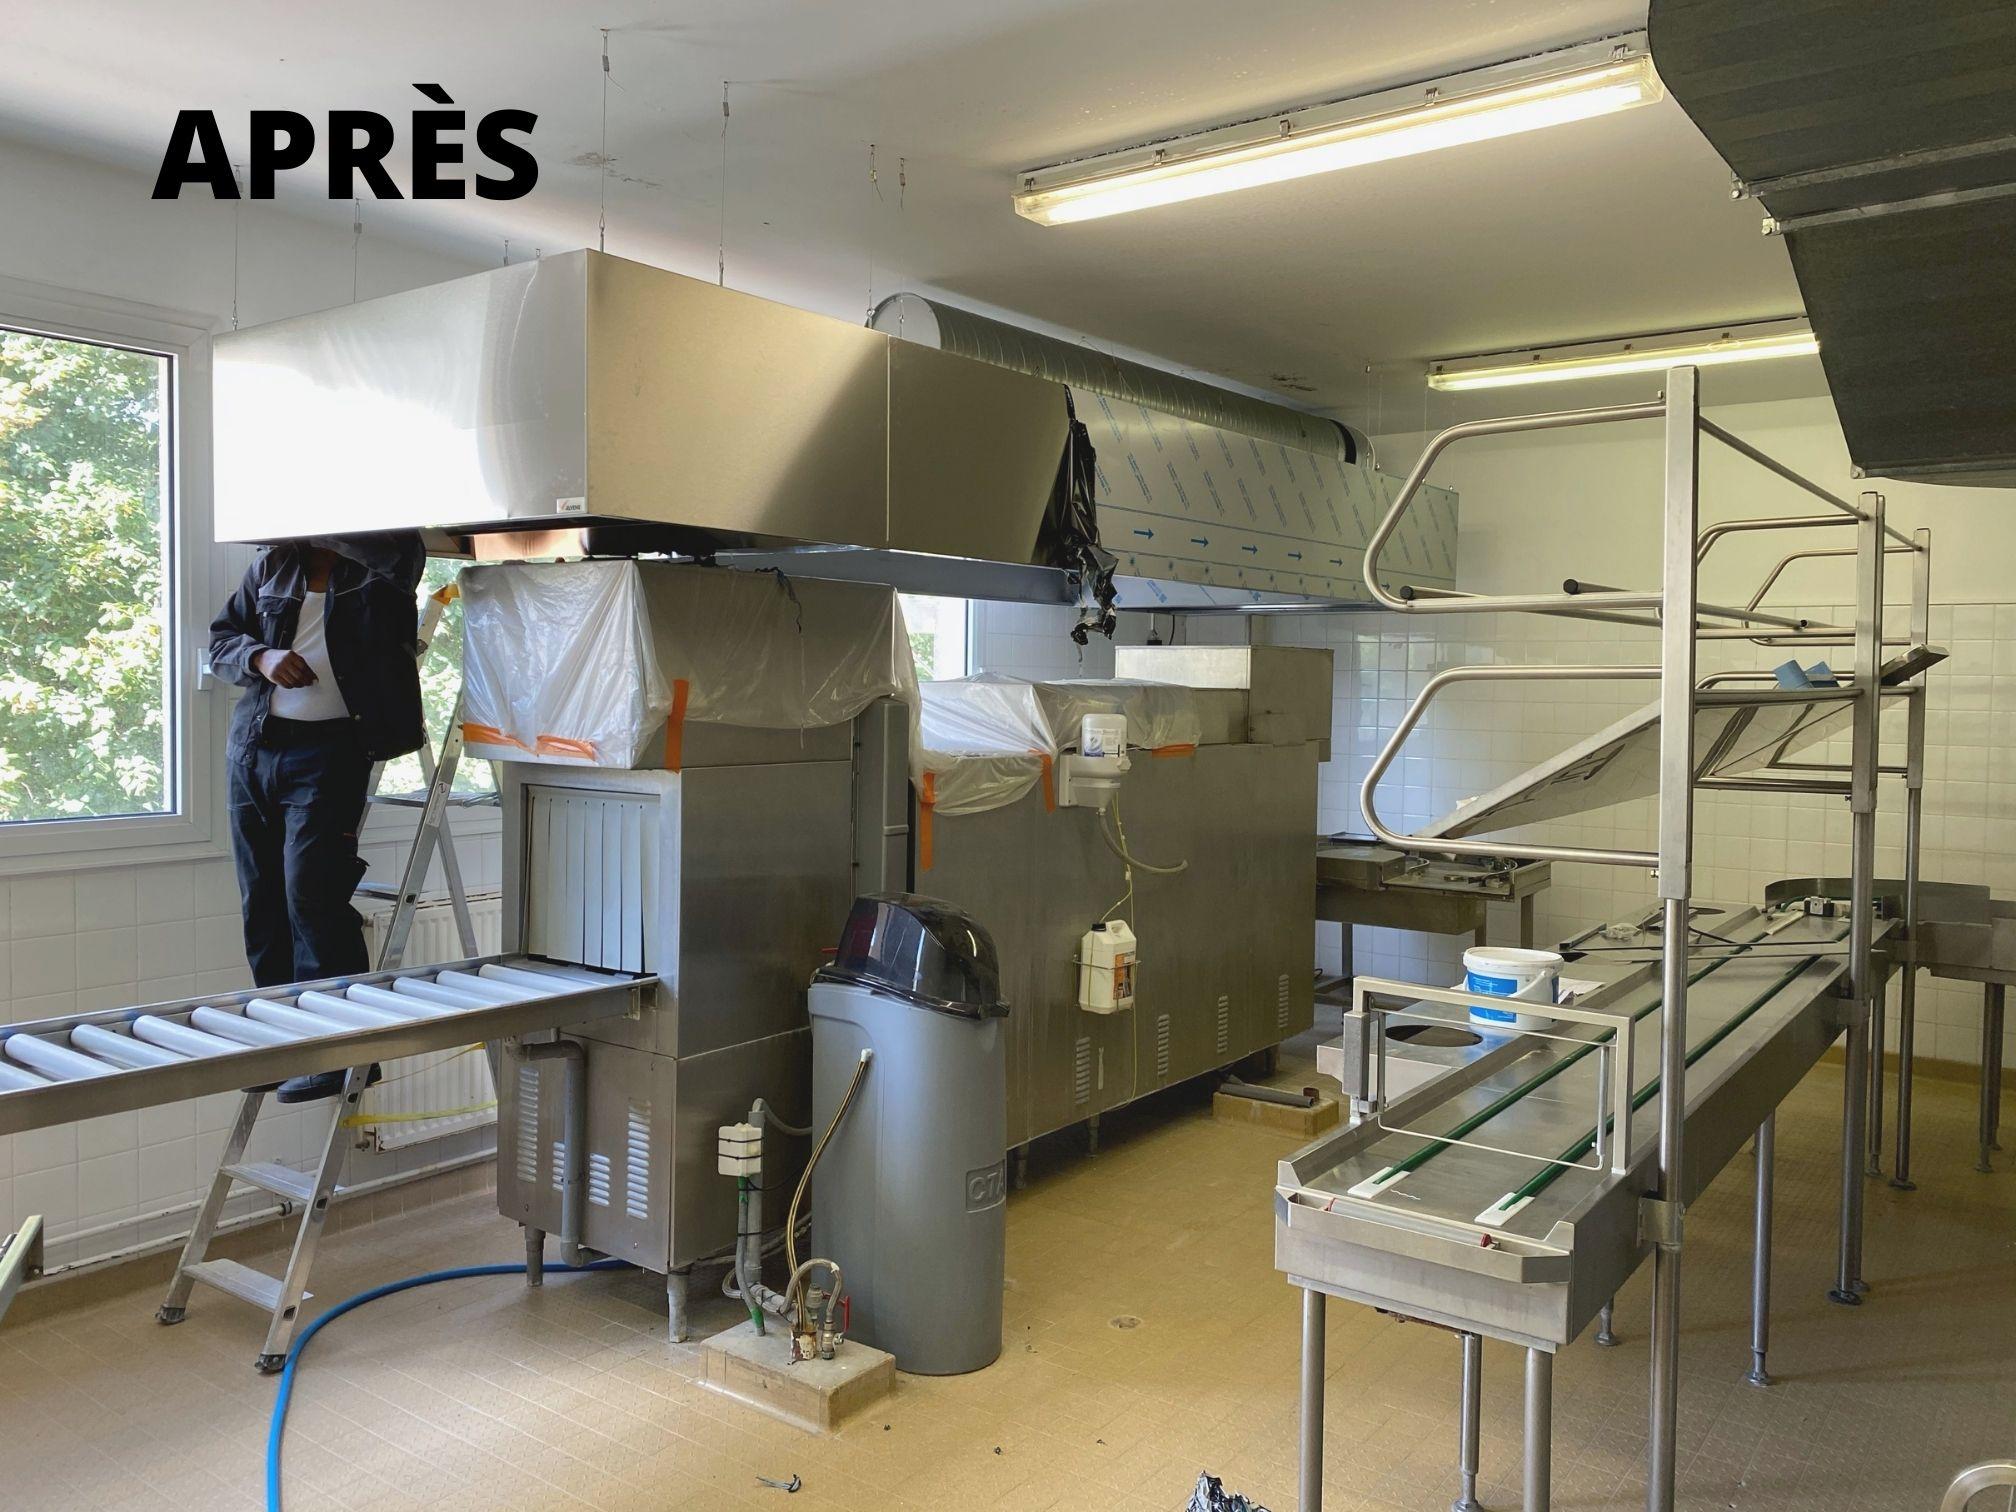 Extensions de laverie installé par l'entreprise Optense